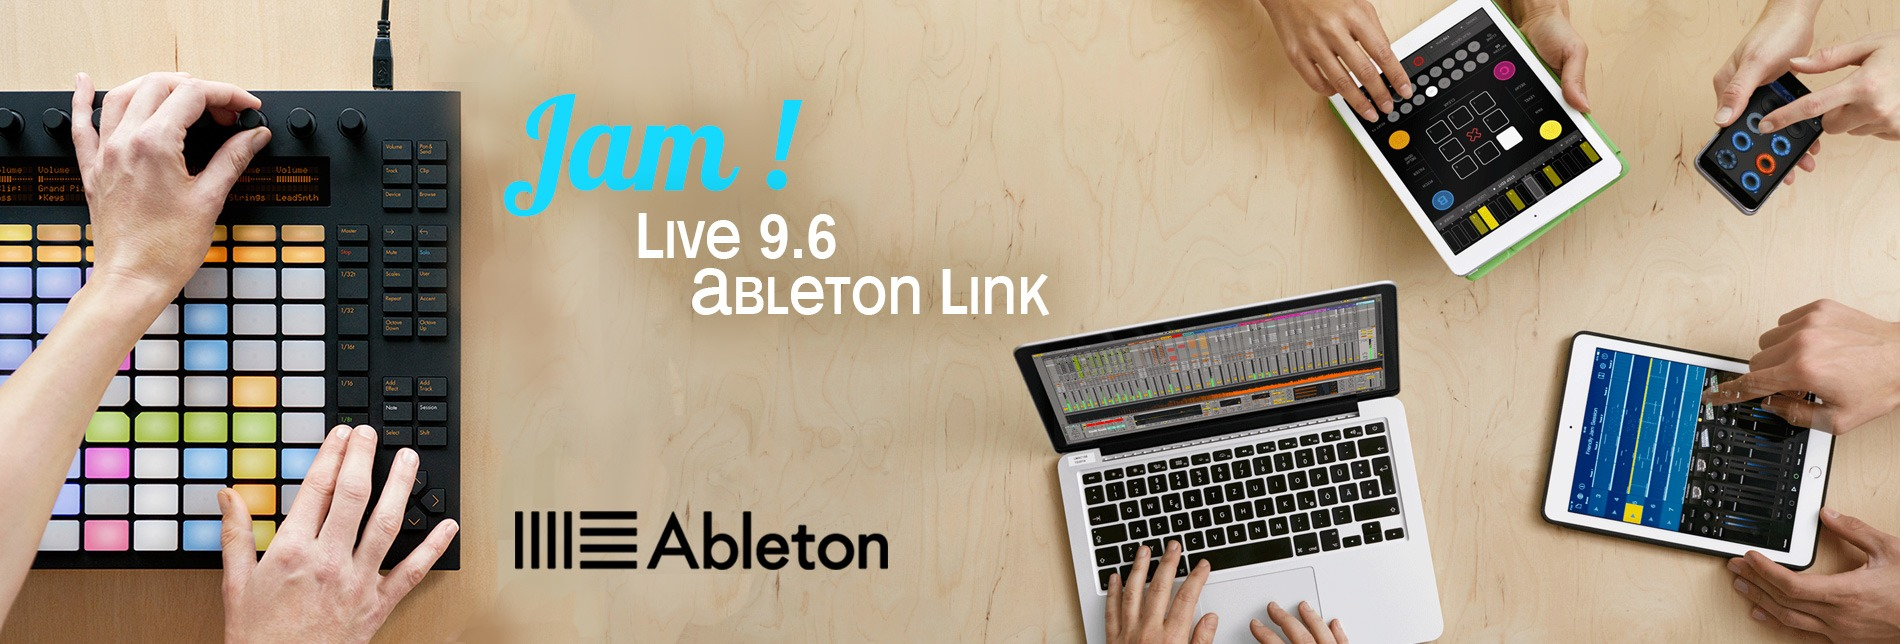 Ableton Suite 9 Push Link